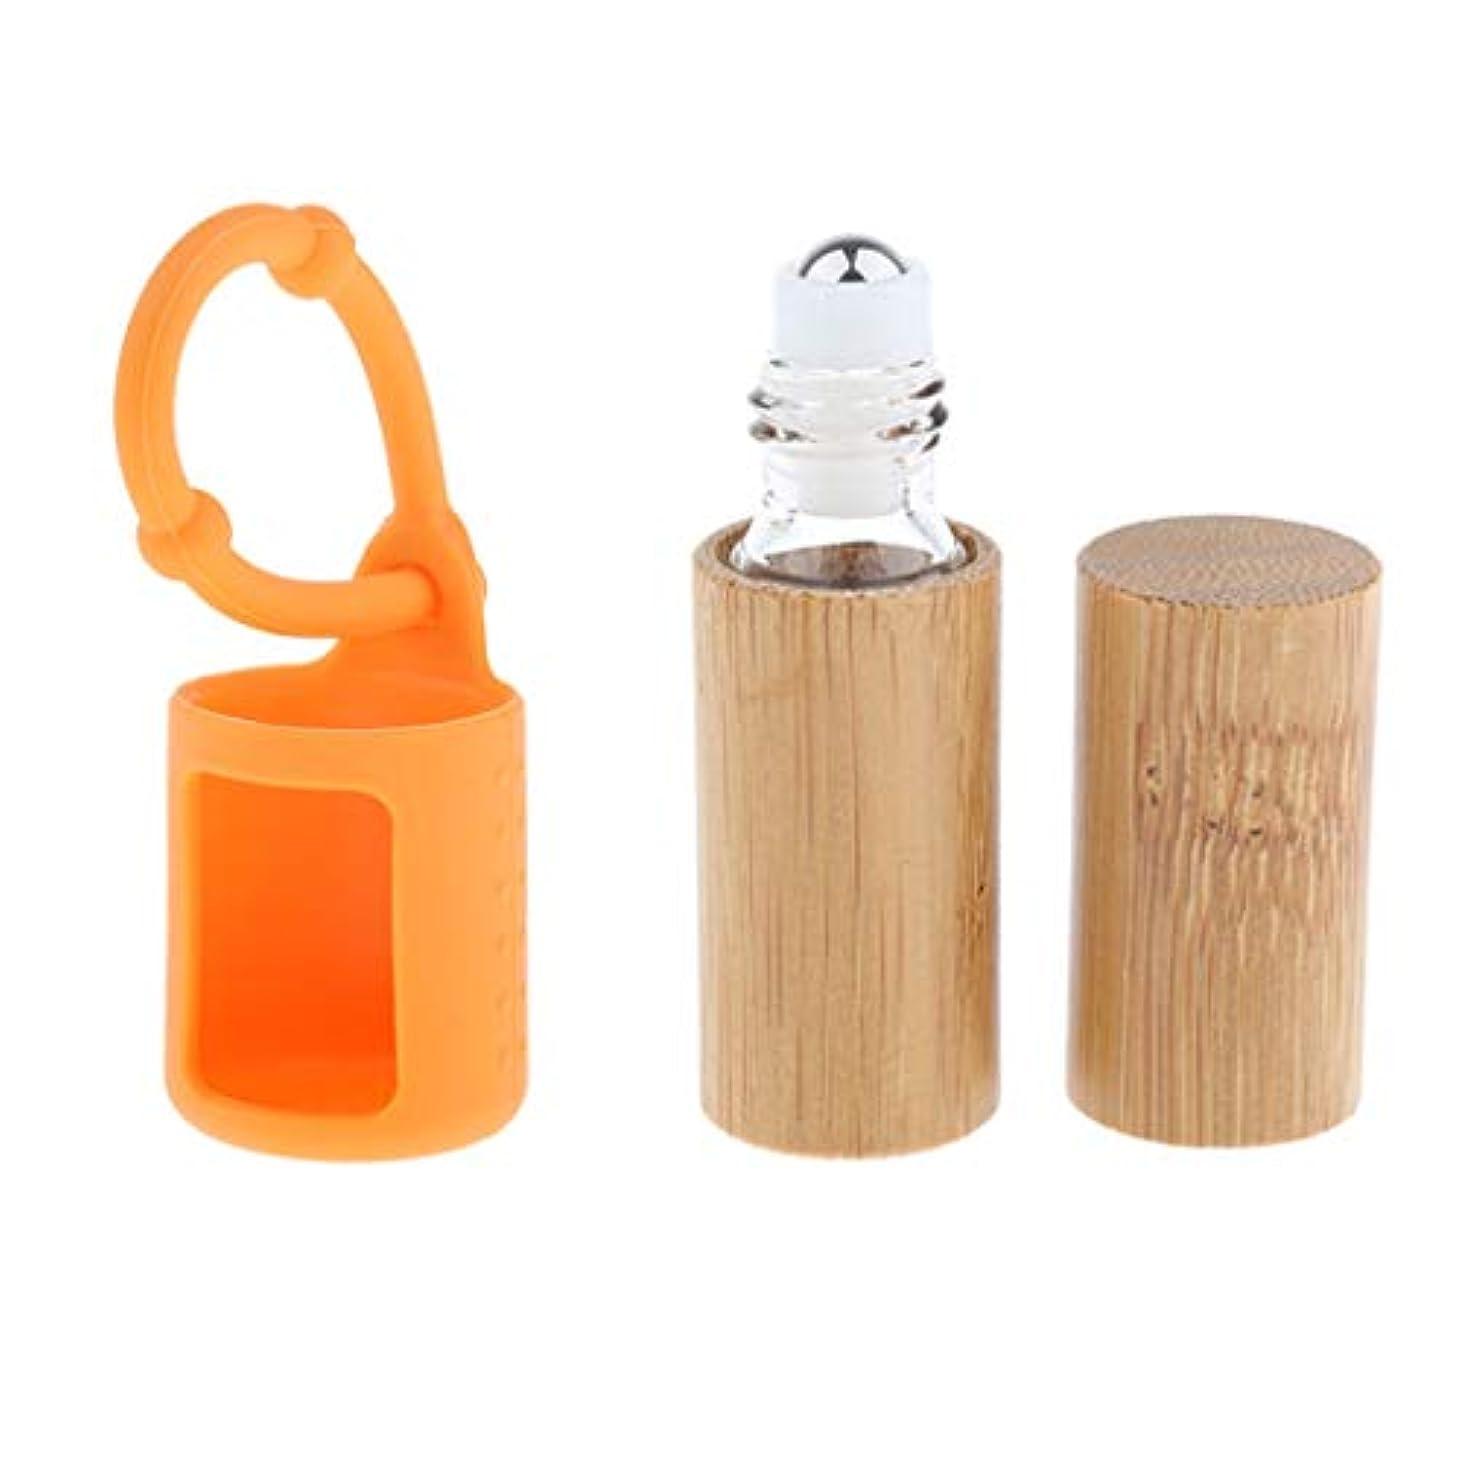 ライセンス識別今後D DOLITY 竹ボトル エッセンシャルオイル 香水 オイル 精油瓶 詰め替え 5ミリ 吊り掛けバッグ付